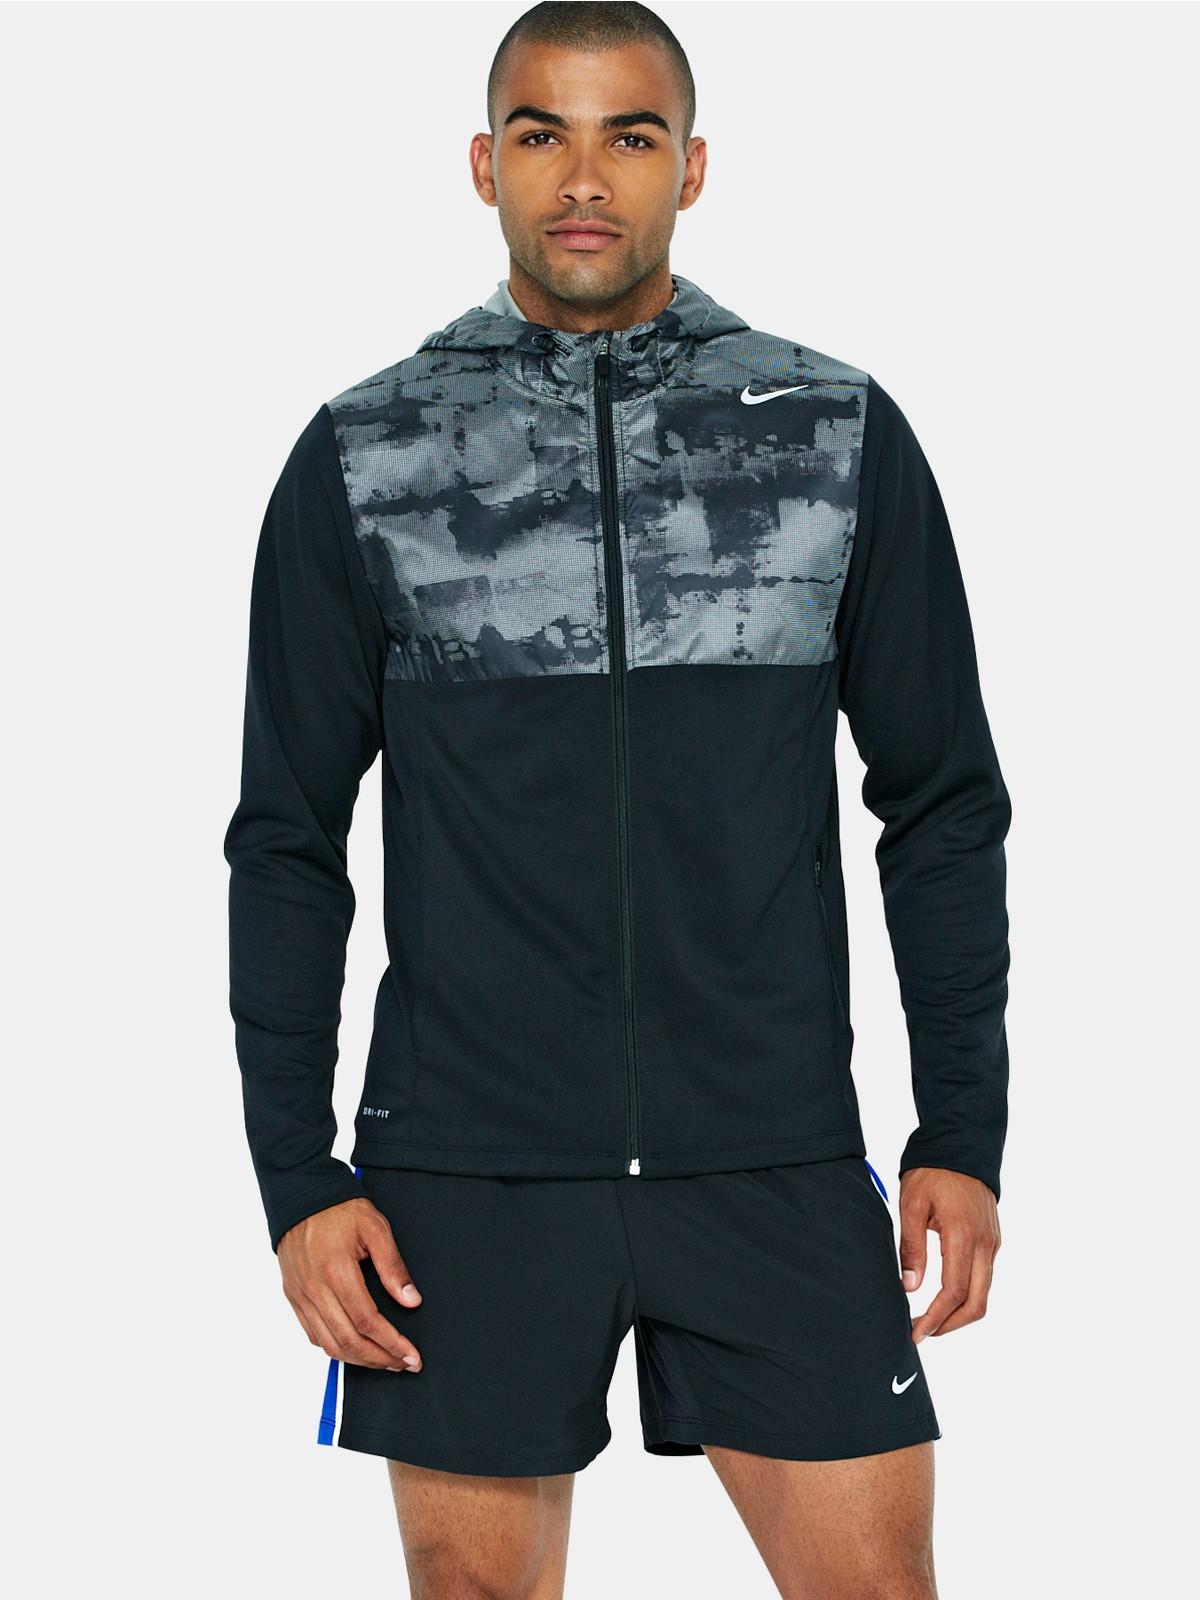 Mens Nike Windrunner Jacket